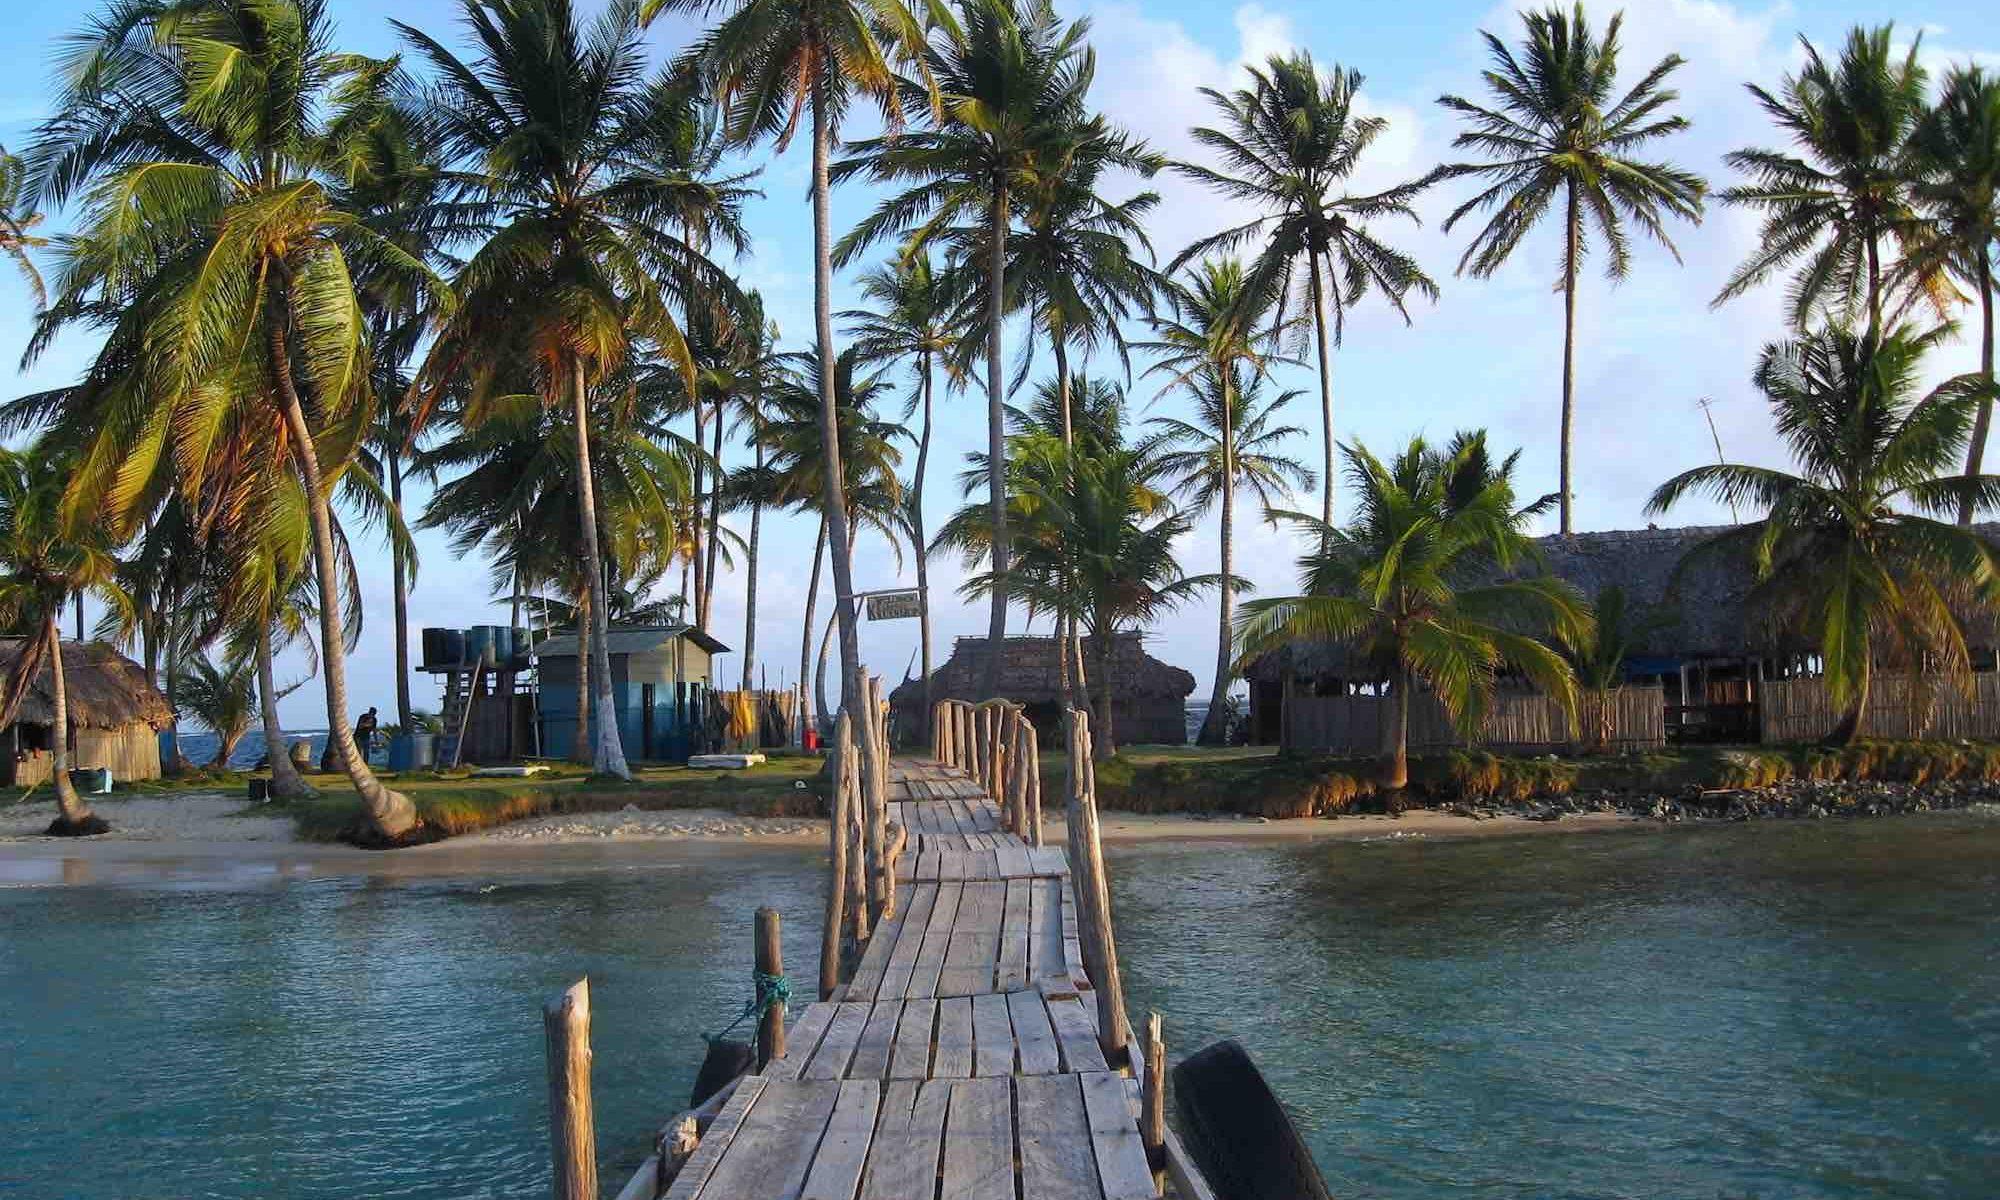 Panamatour Panama Rundreise